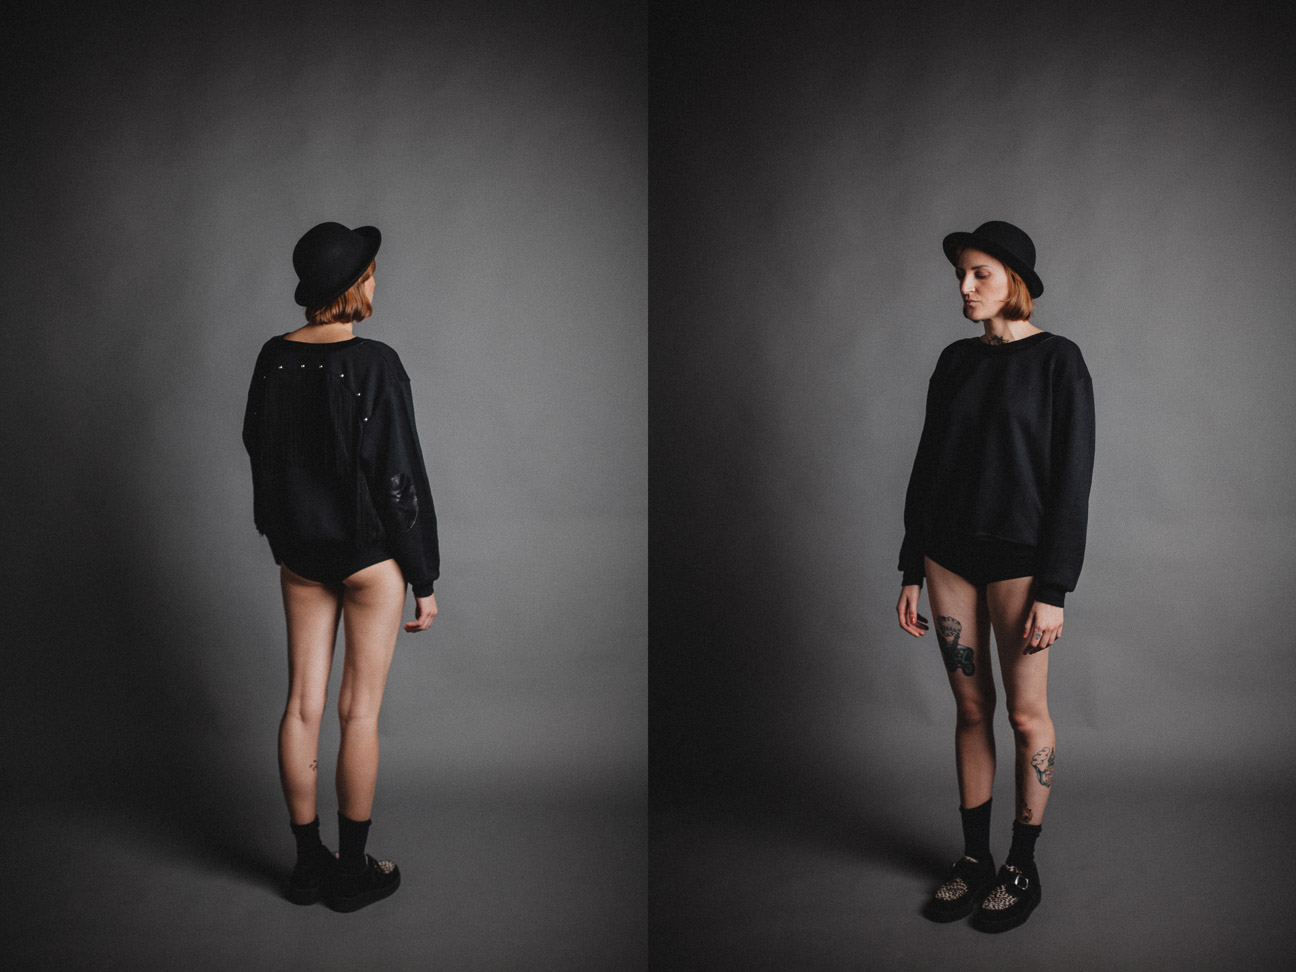 fotografia publicidad catalogo de ropa valencia (9)